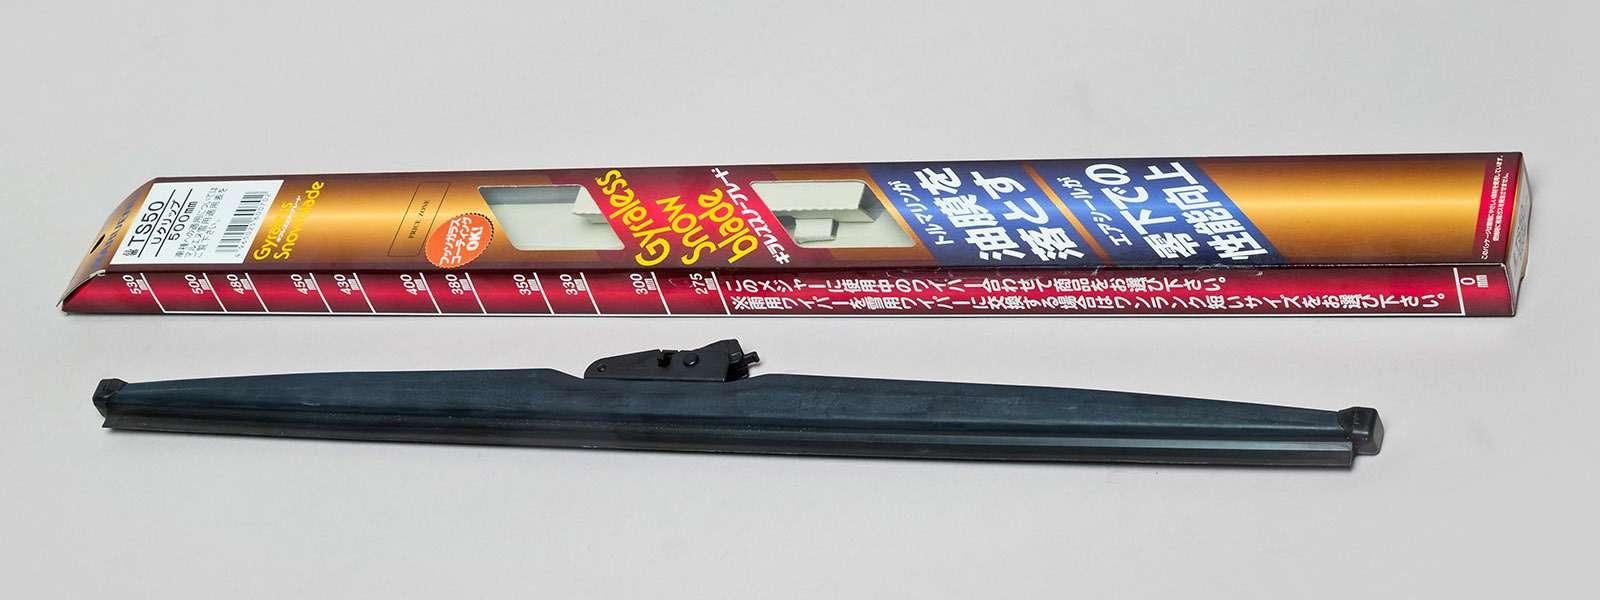 Цена прозрения: эксперты ЗРвыбирают щетки стеклоочистителей— фото 678236